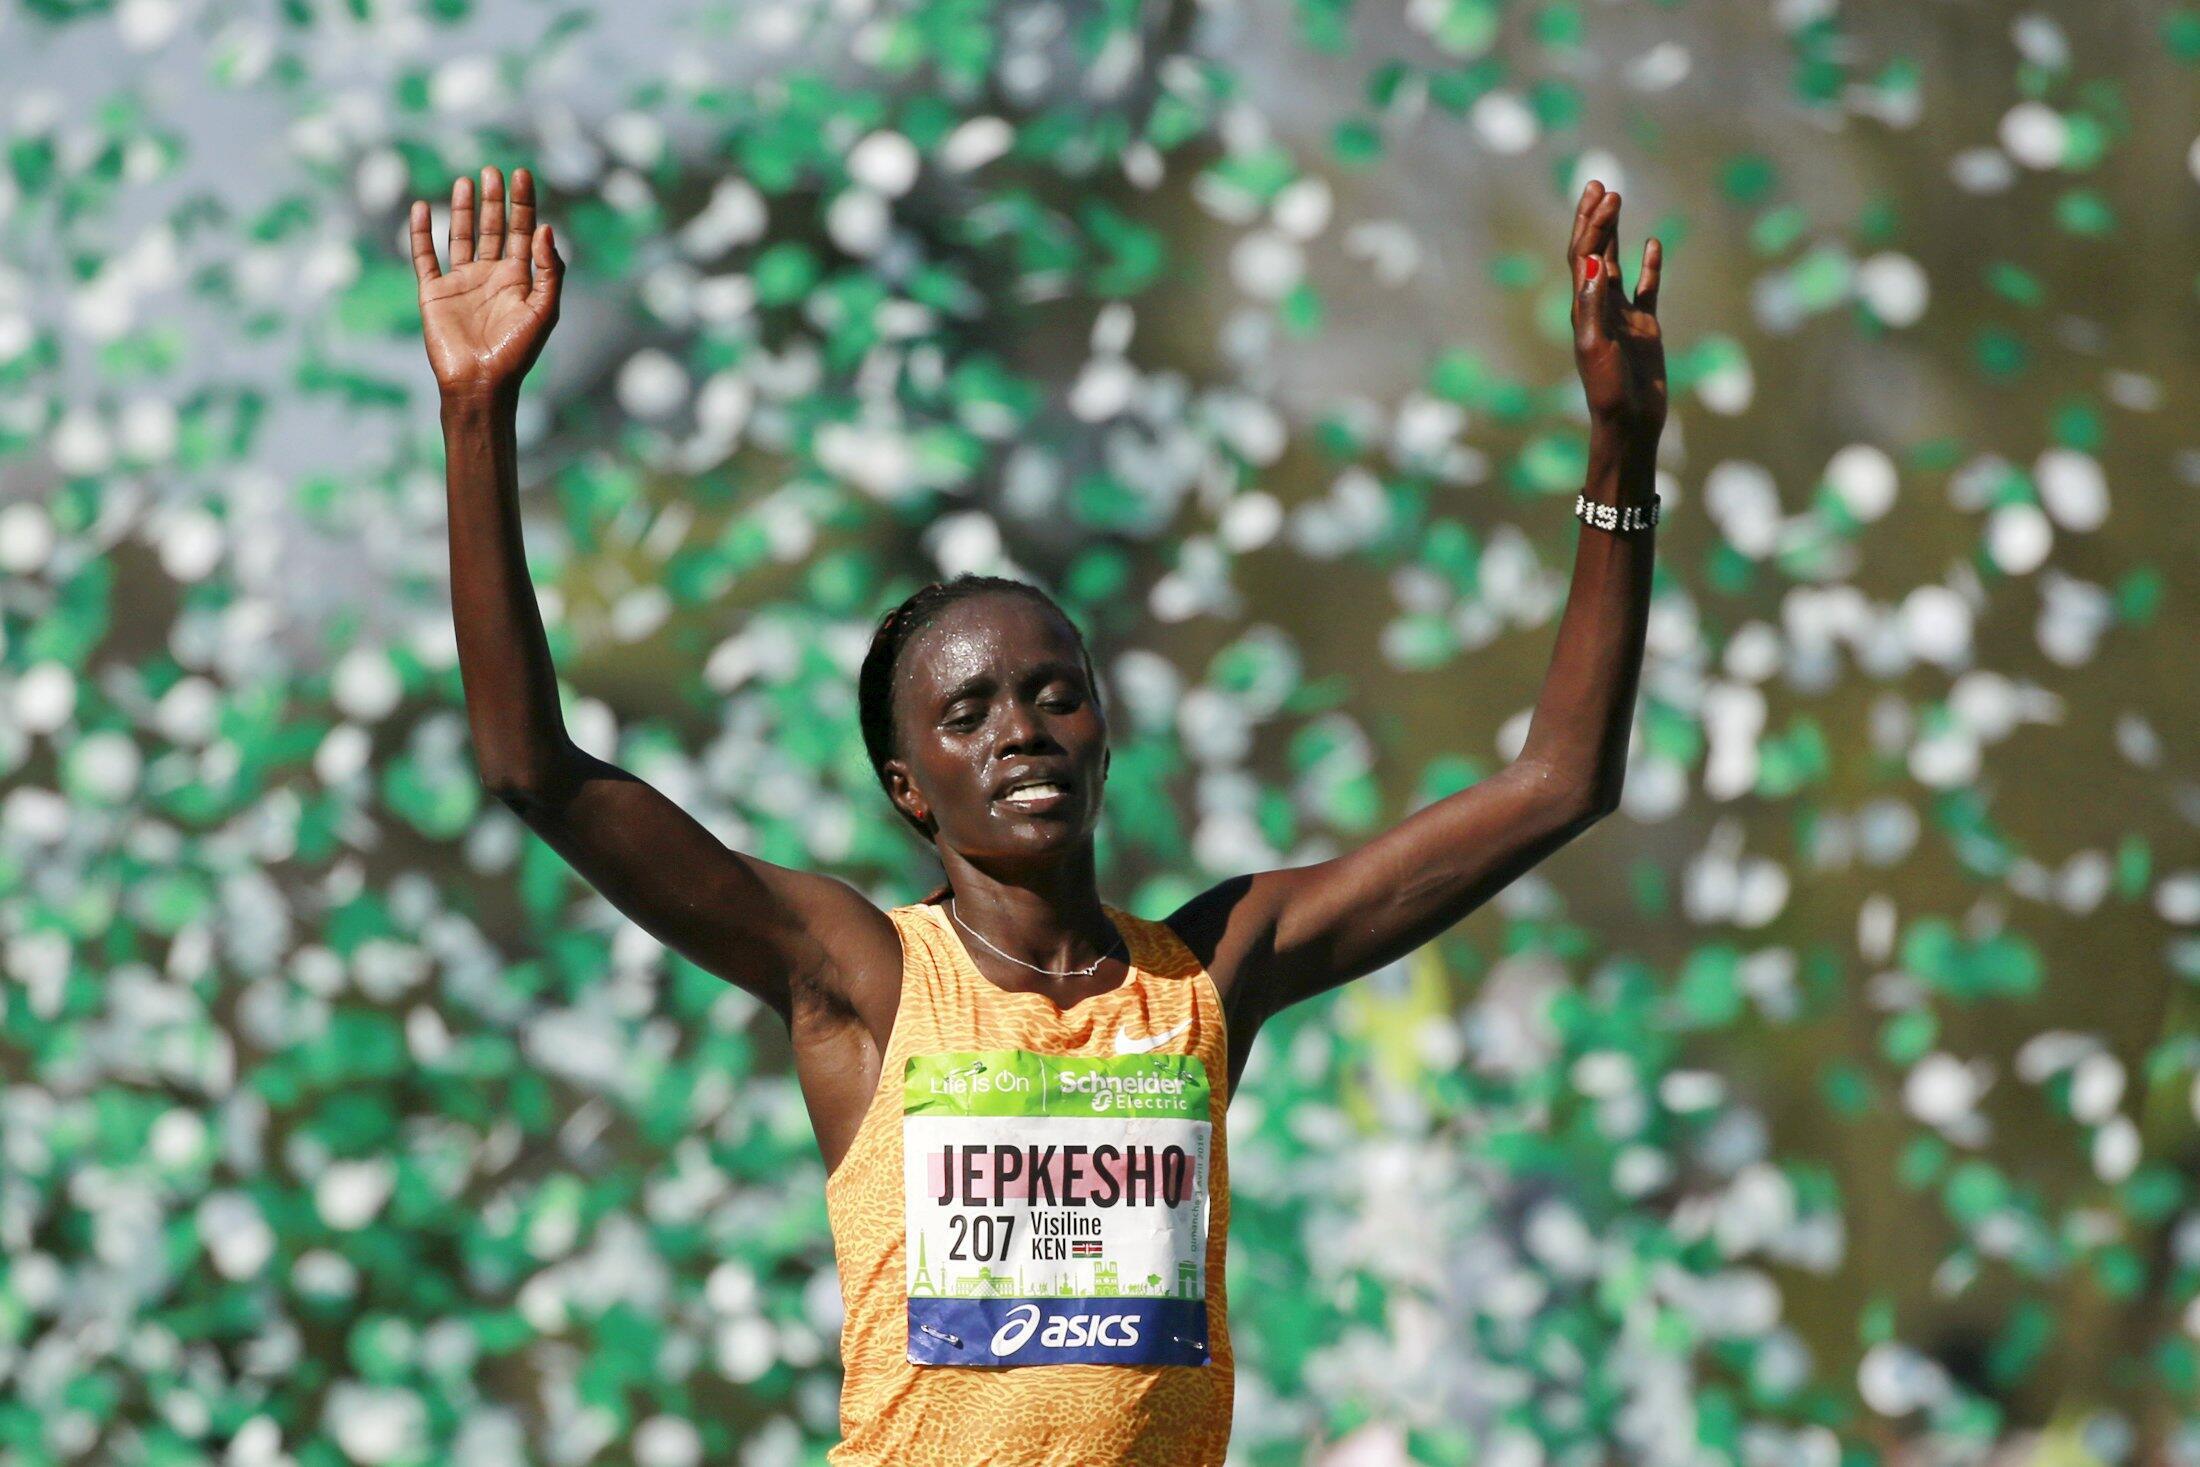 Visiline Jepkesho cruzou a linha de chegada em primeiro e foi campeã da maratona de Paris.